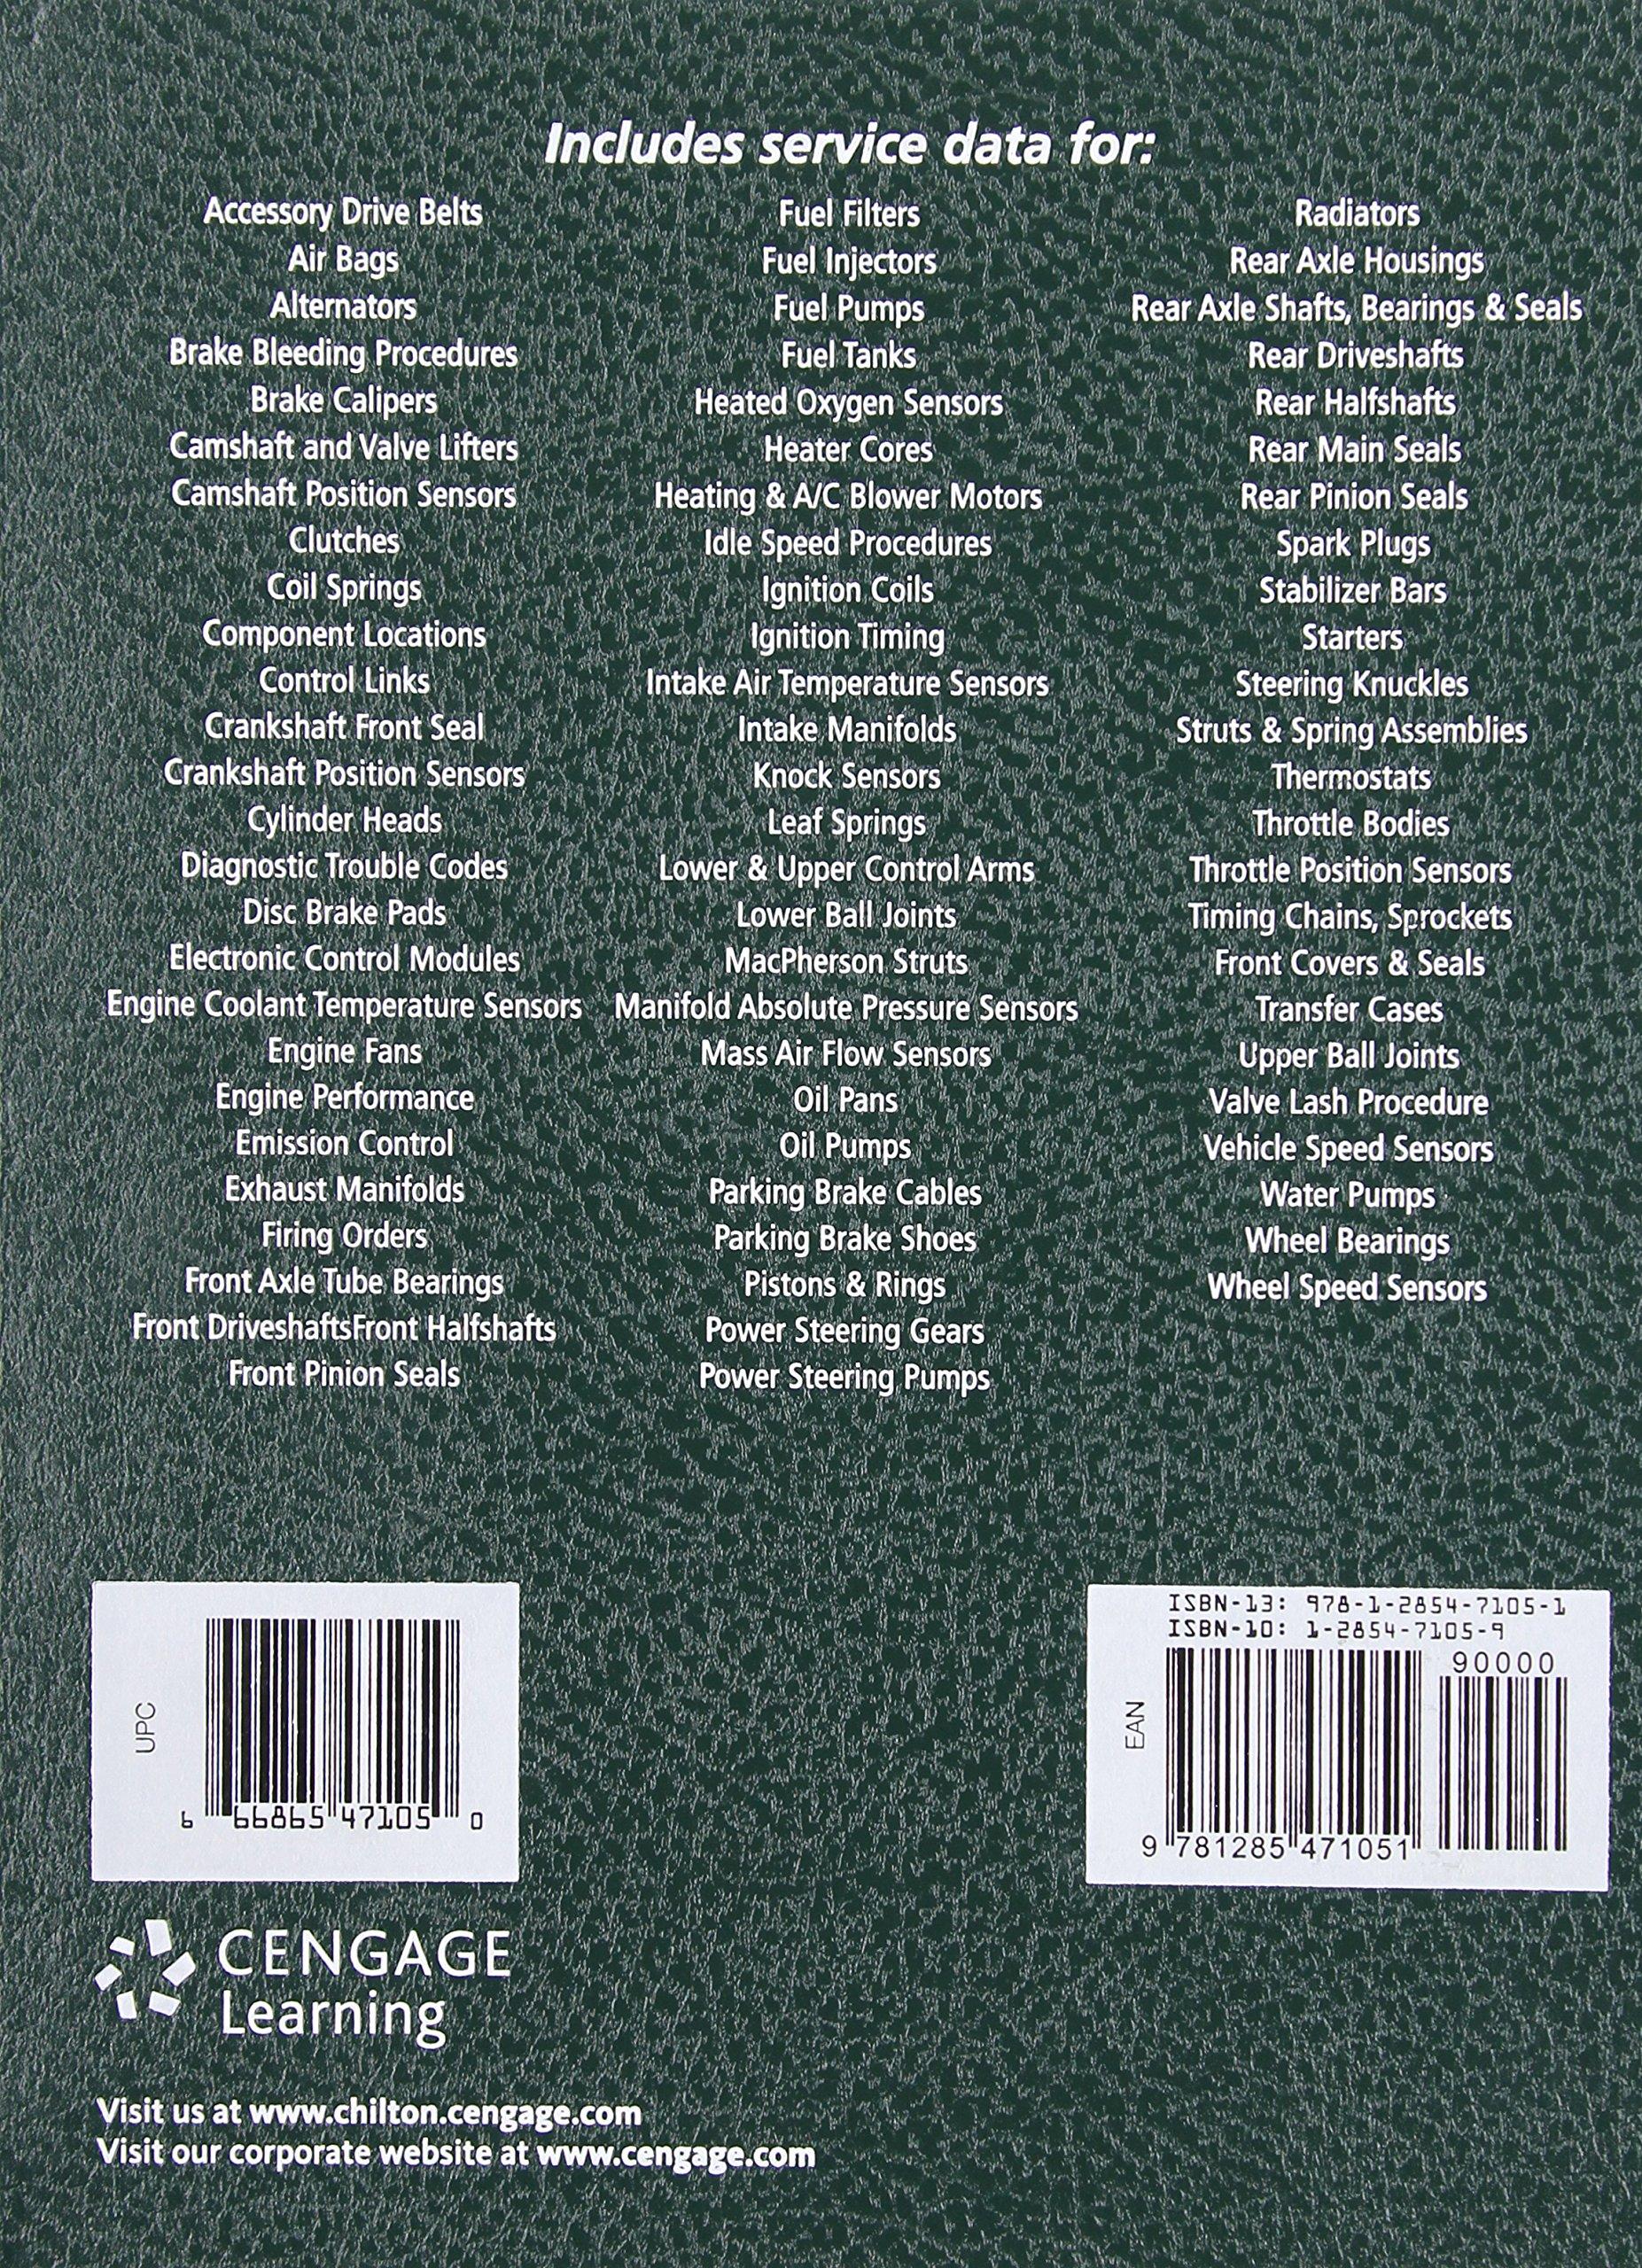 Chilton Asian Service Manual: 2012 Edition, Volume 1: Chilton Chilton:  9781285471051: Books - Amazon.ca